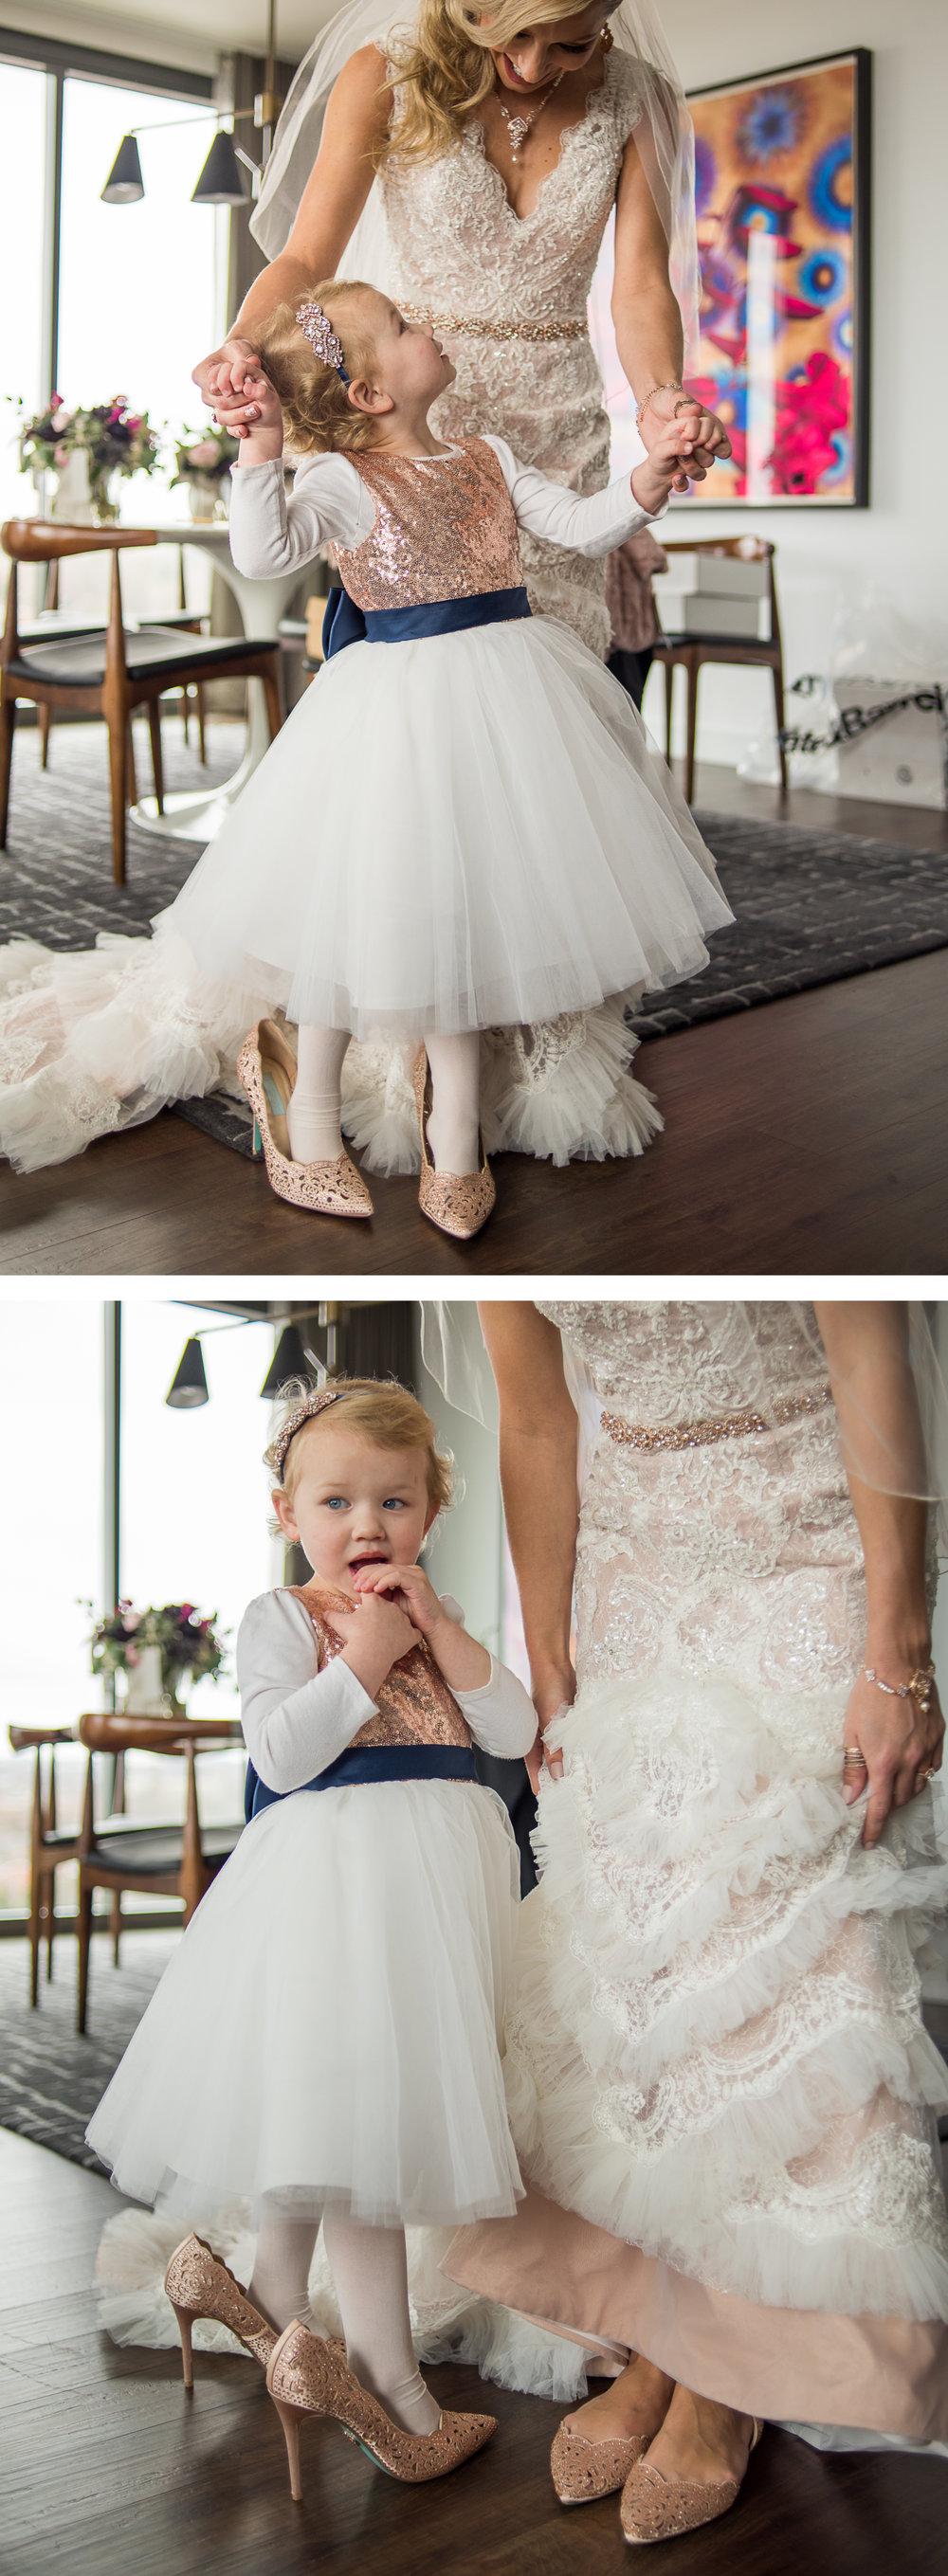 Brett Loves Elle, Columbus Wedding Photographers, Columbus Wedding Photography, Ohio Wedding, Bride and Flower Girl, Vintage Glam Wedding